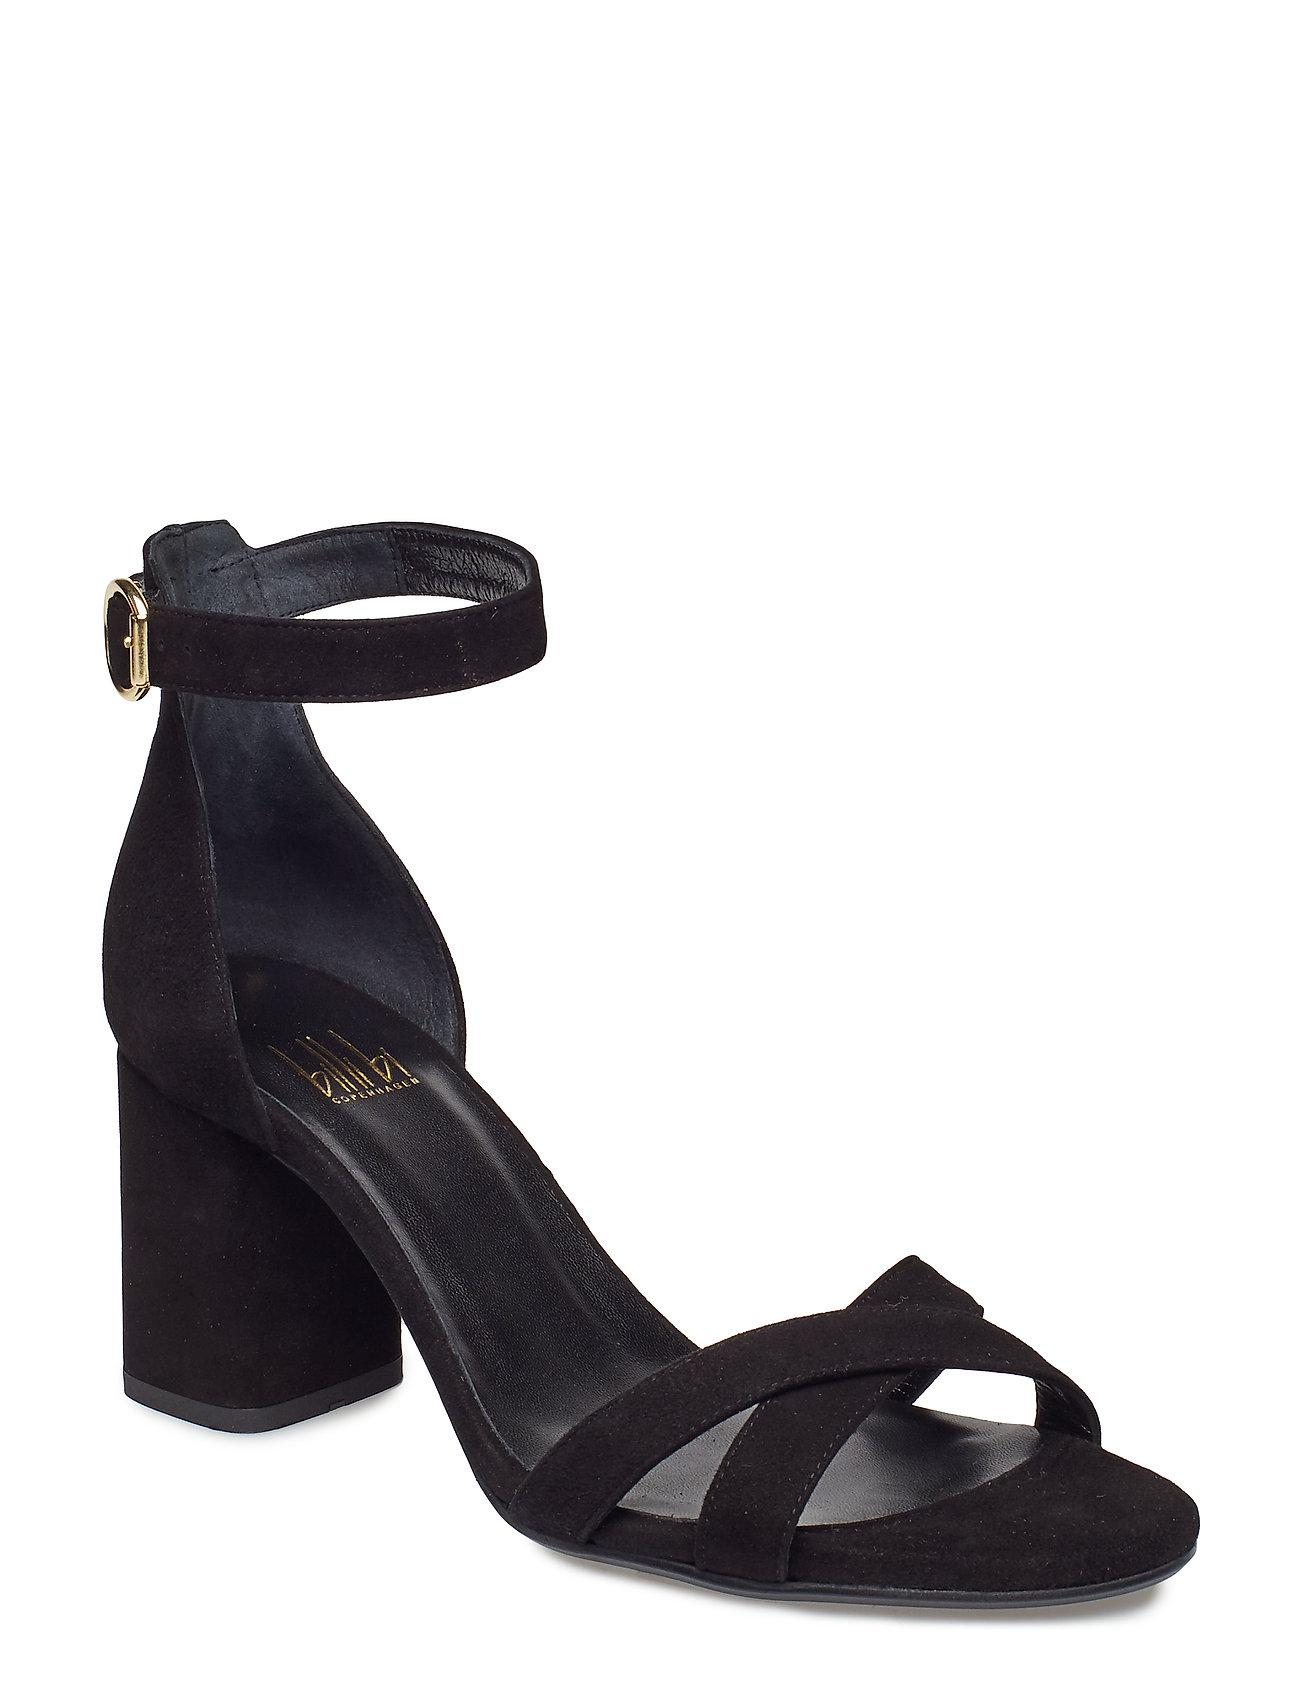 Sandals 8122 Sandal Med Hæl Sort Billi Bi